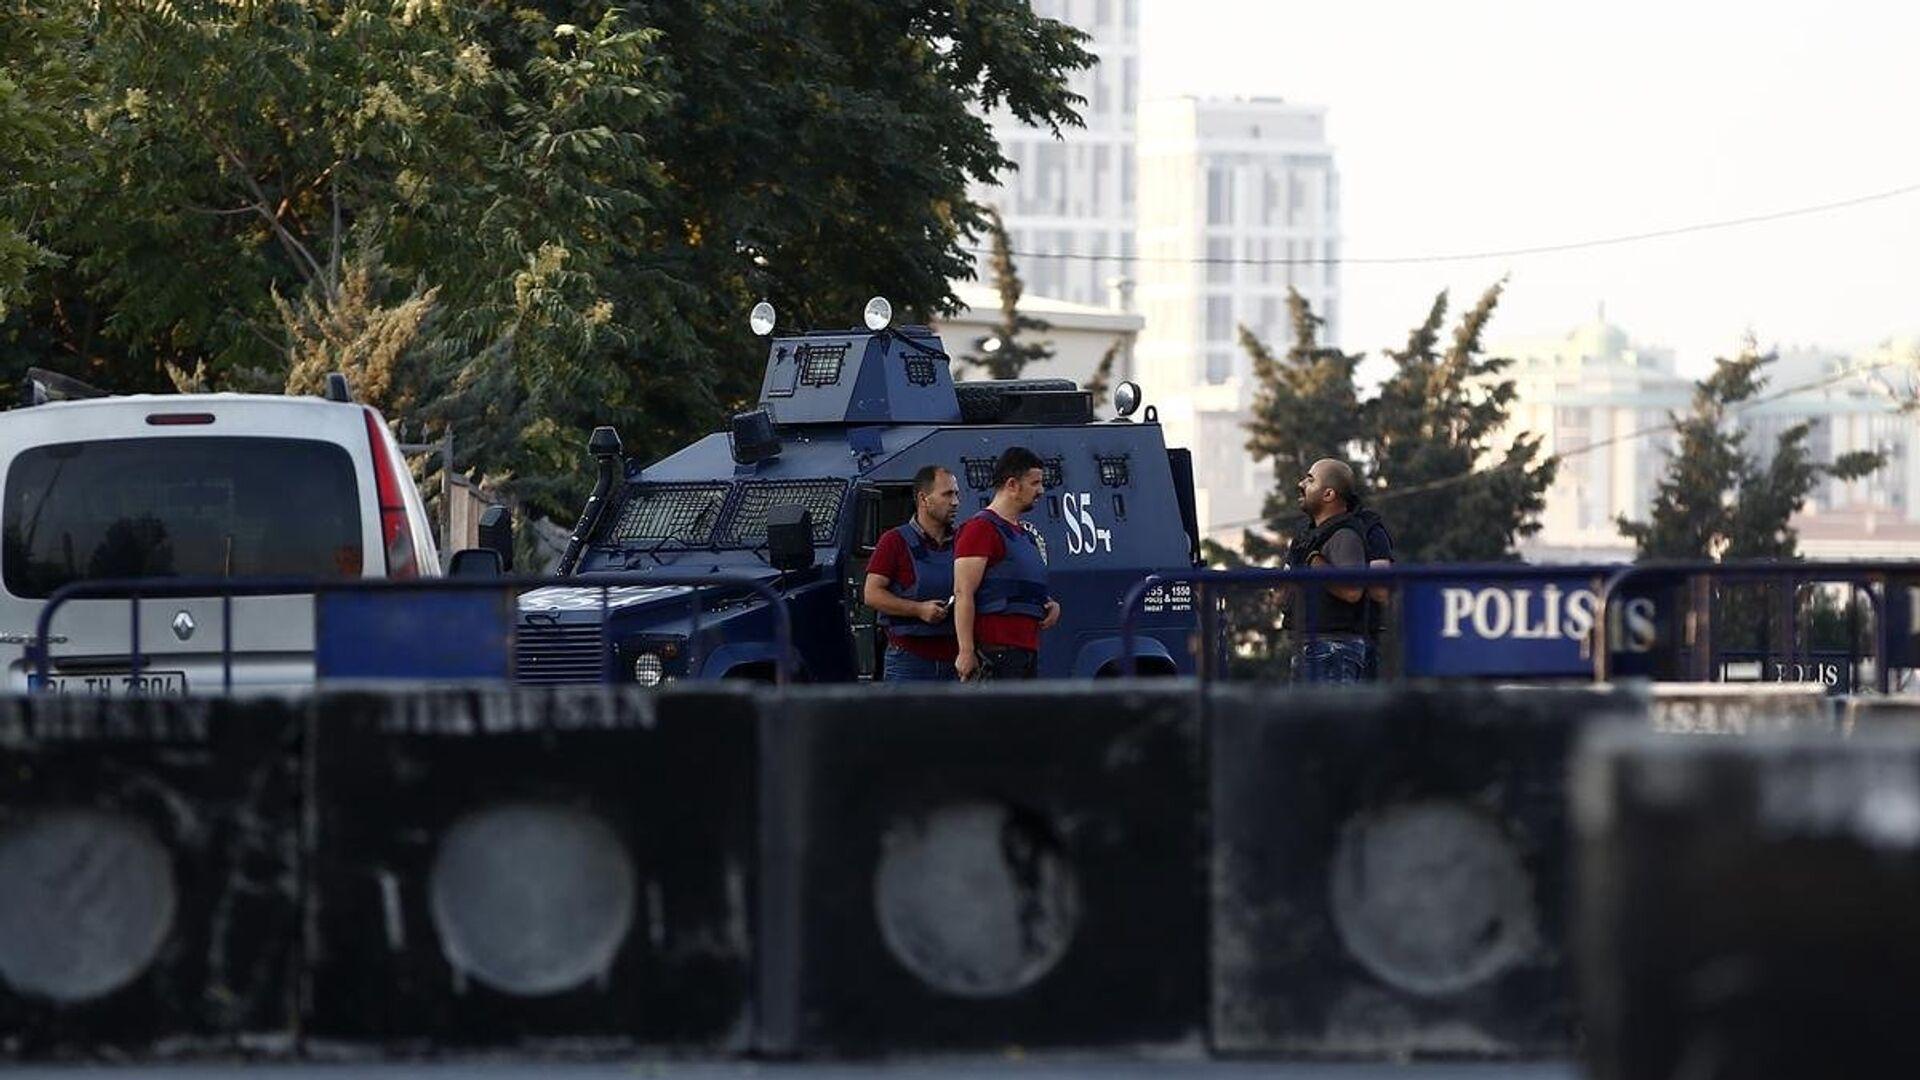 İstanbul'da polis merkezine silahlı saldırı - Sputnik Türkiye, 1920, 19.08.2021